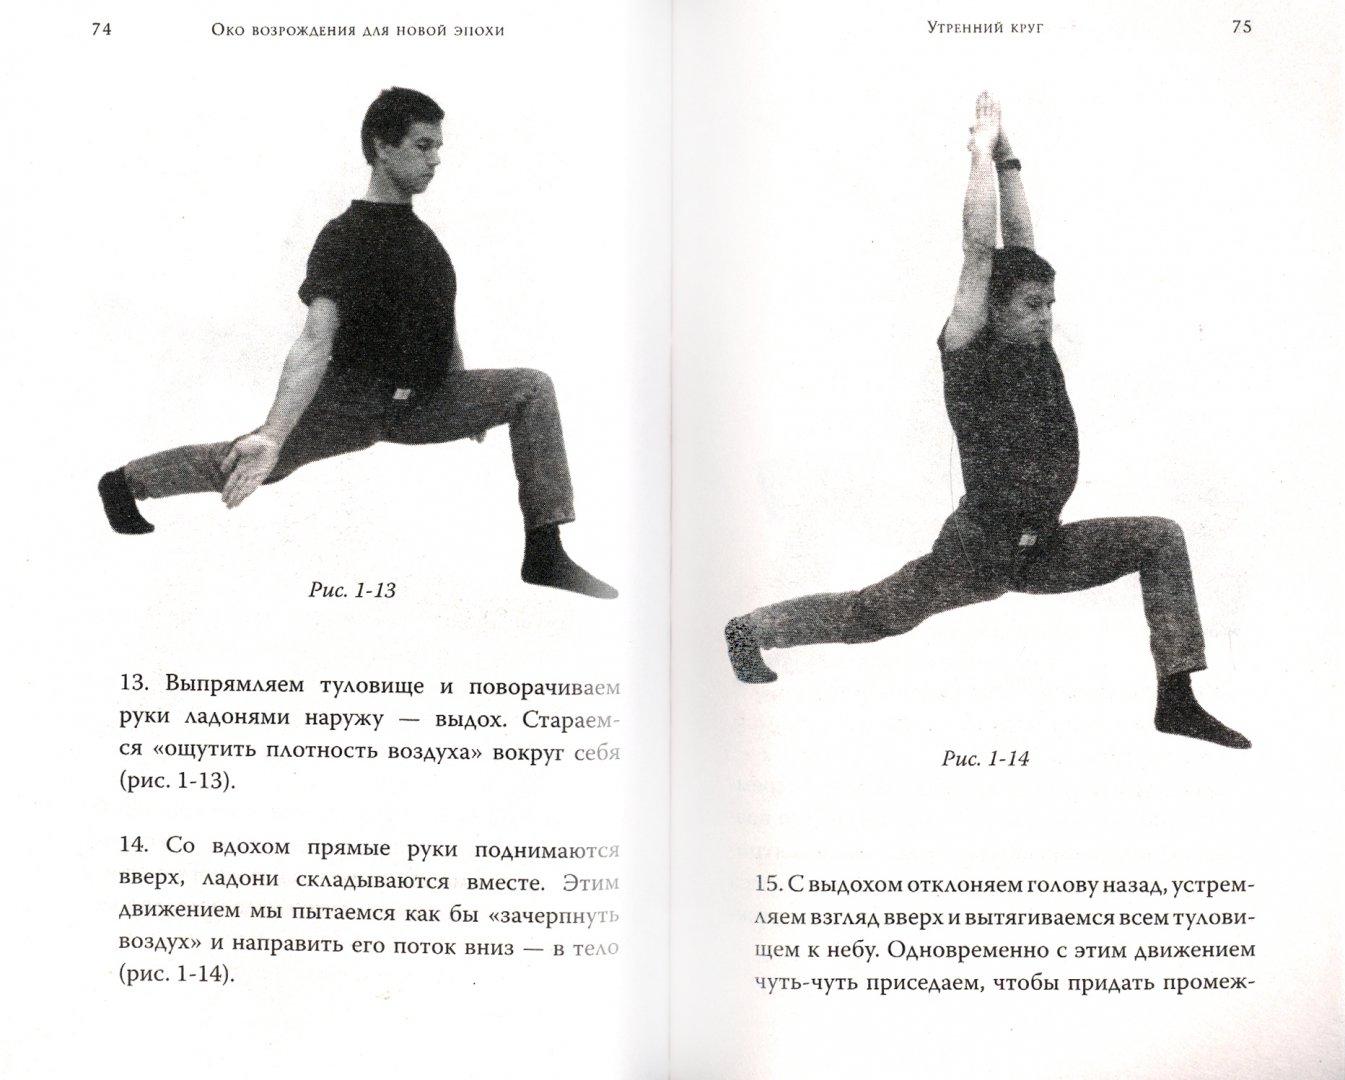 Иллюстрация 1 из 6 для Око возрождения для новой эпохи: эффективные упражнения для укрепления физич. и псих. здоровья - Привалов, Сидерский   Лабиринт - книги. Источник: Лабиринт